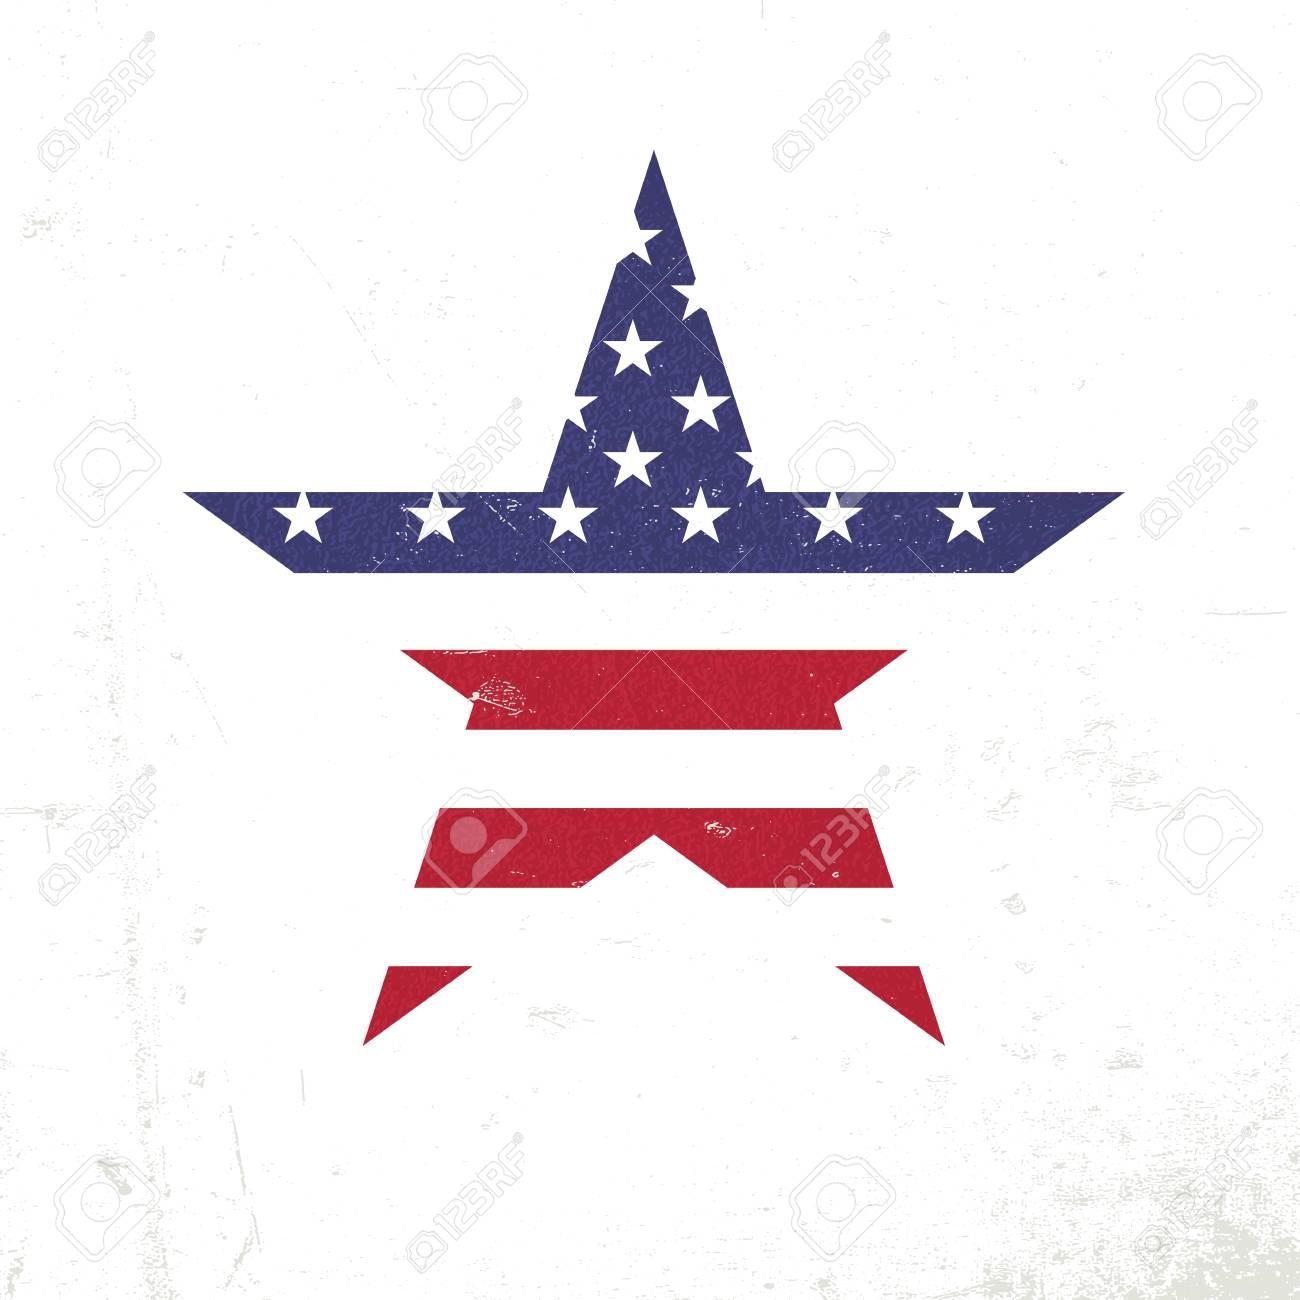 Amerikanische Flagge In Sternform. Patriotische Entwurfsvorlage ...